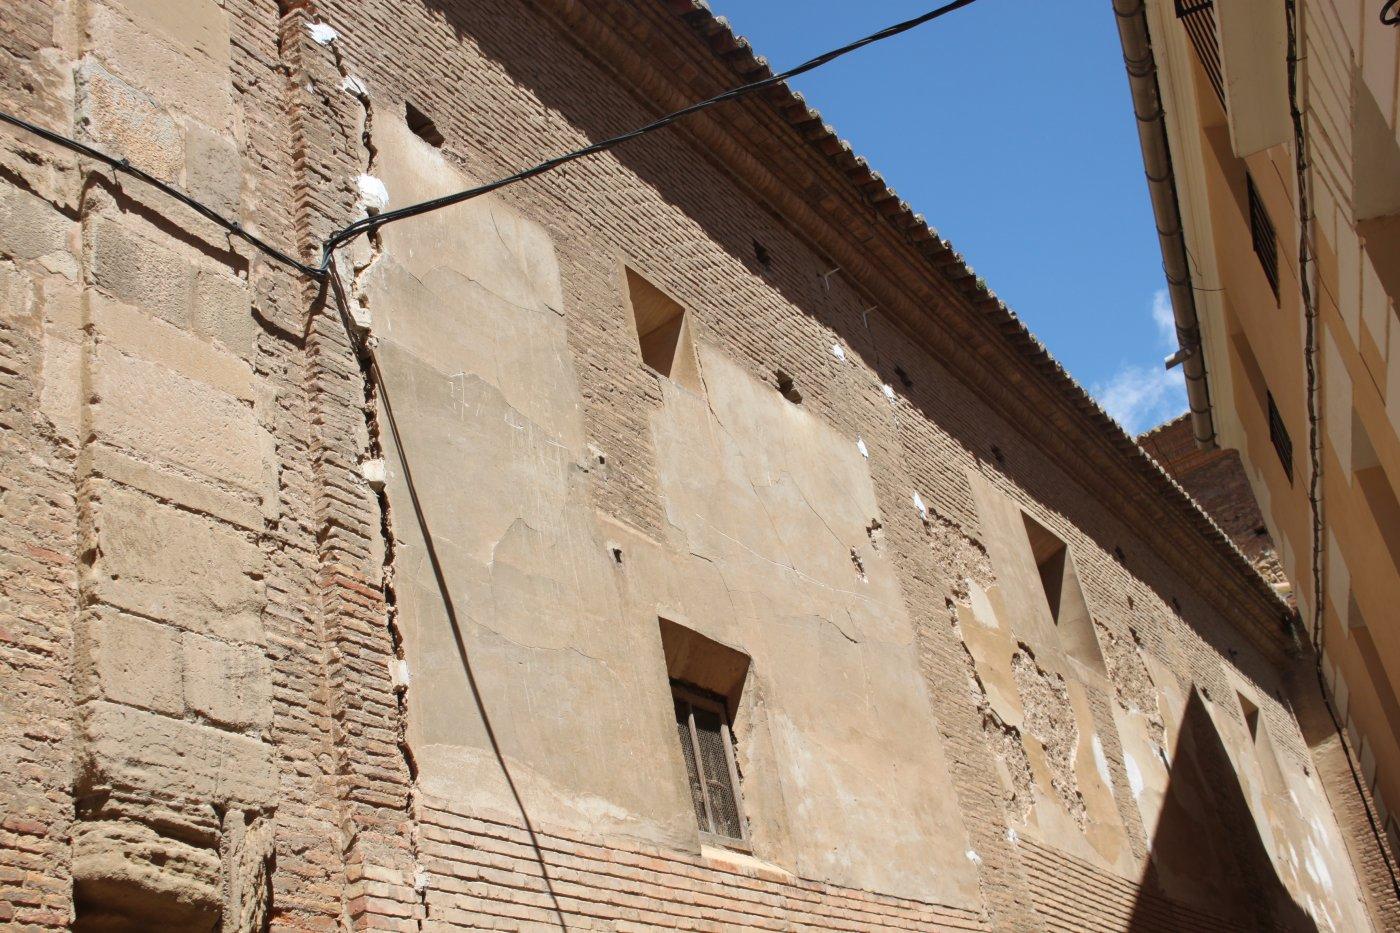 Un desplome de la pared advierte del riesgo en la iglesia de San Francisco